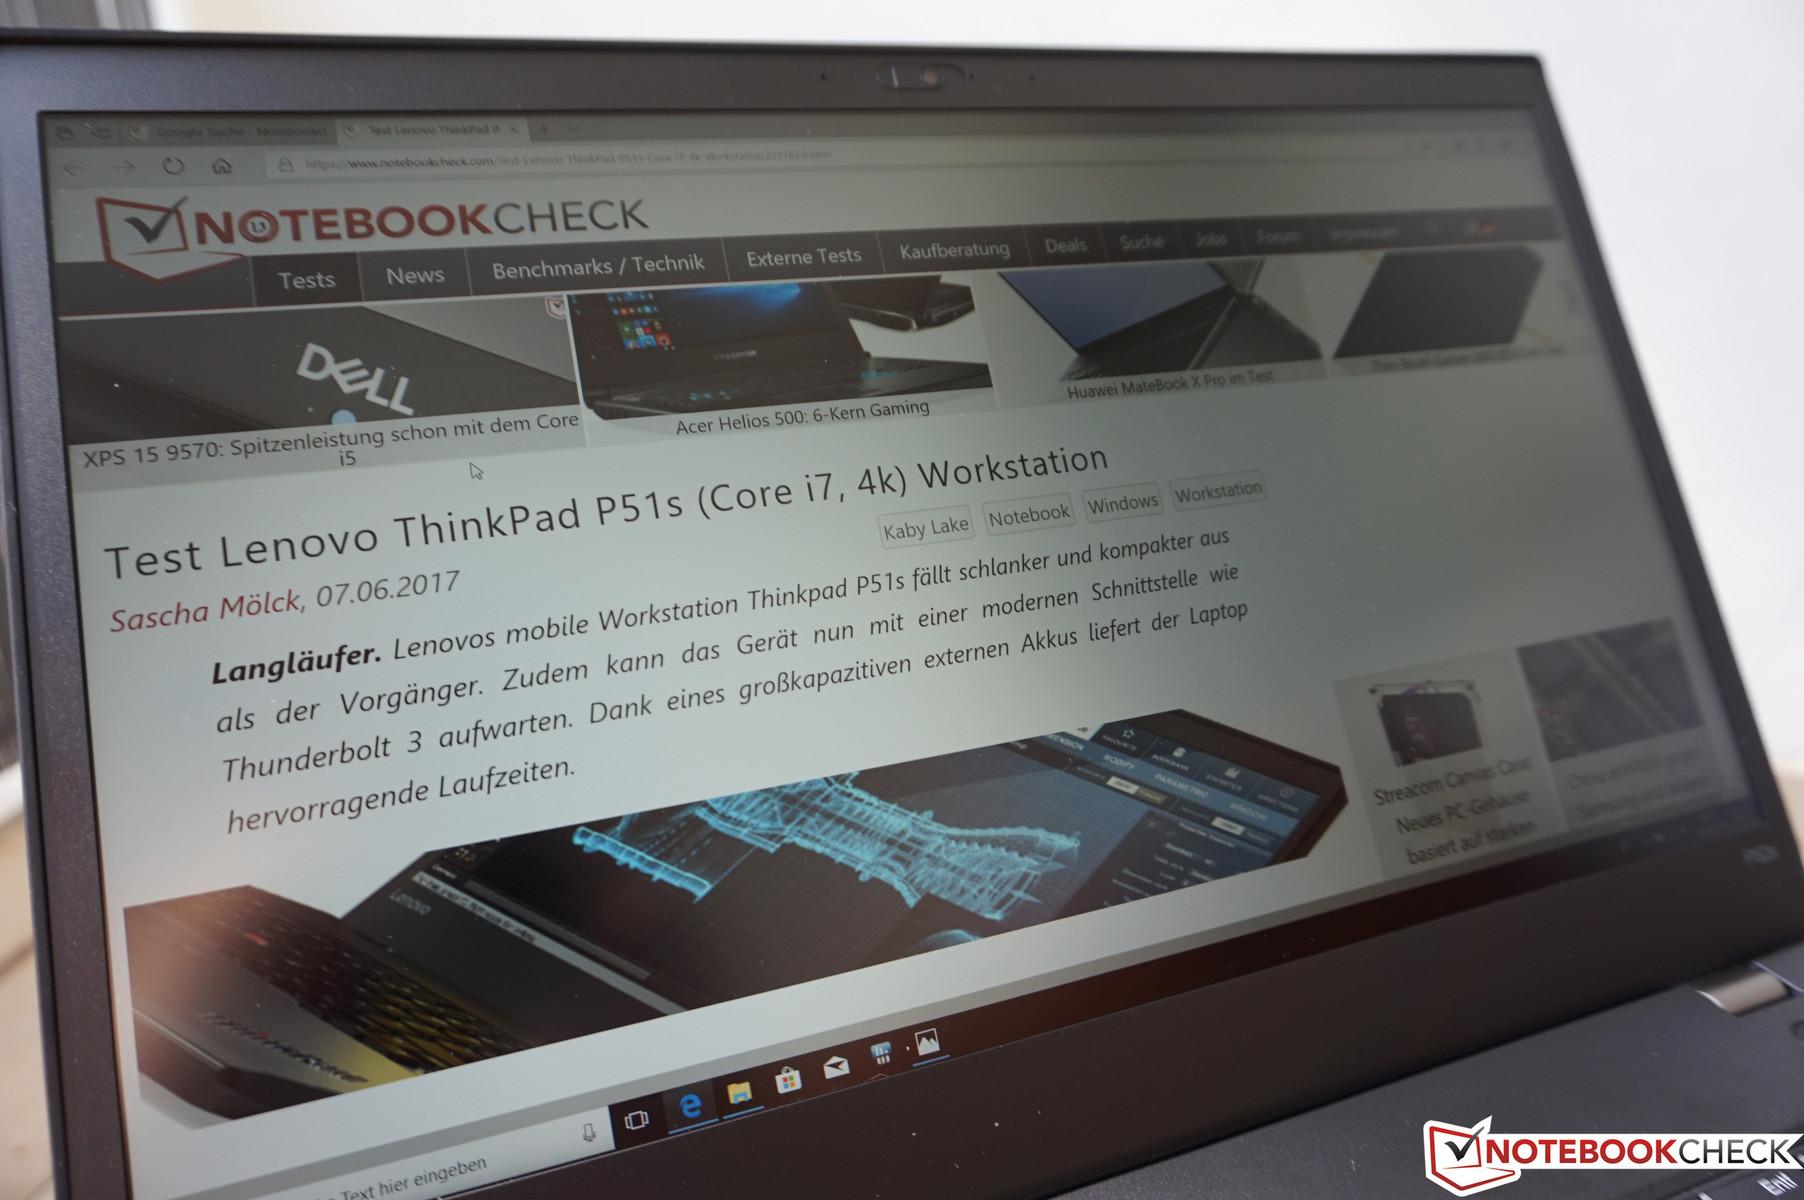 Kısa inceleme: Lenovo ThinkPad P52s (i7-8550U, Full HD) çalışma